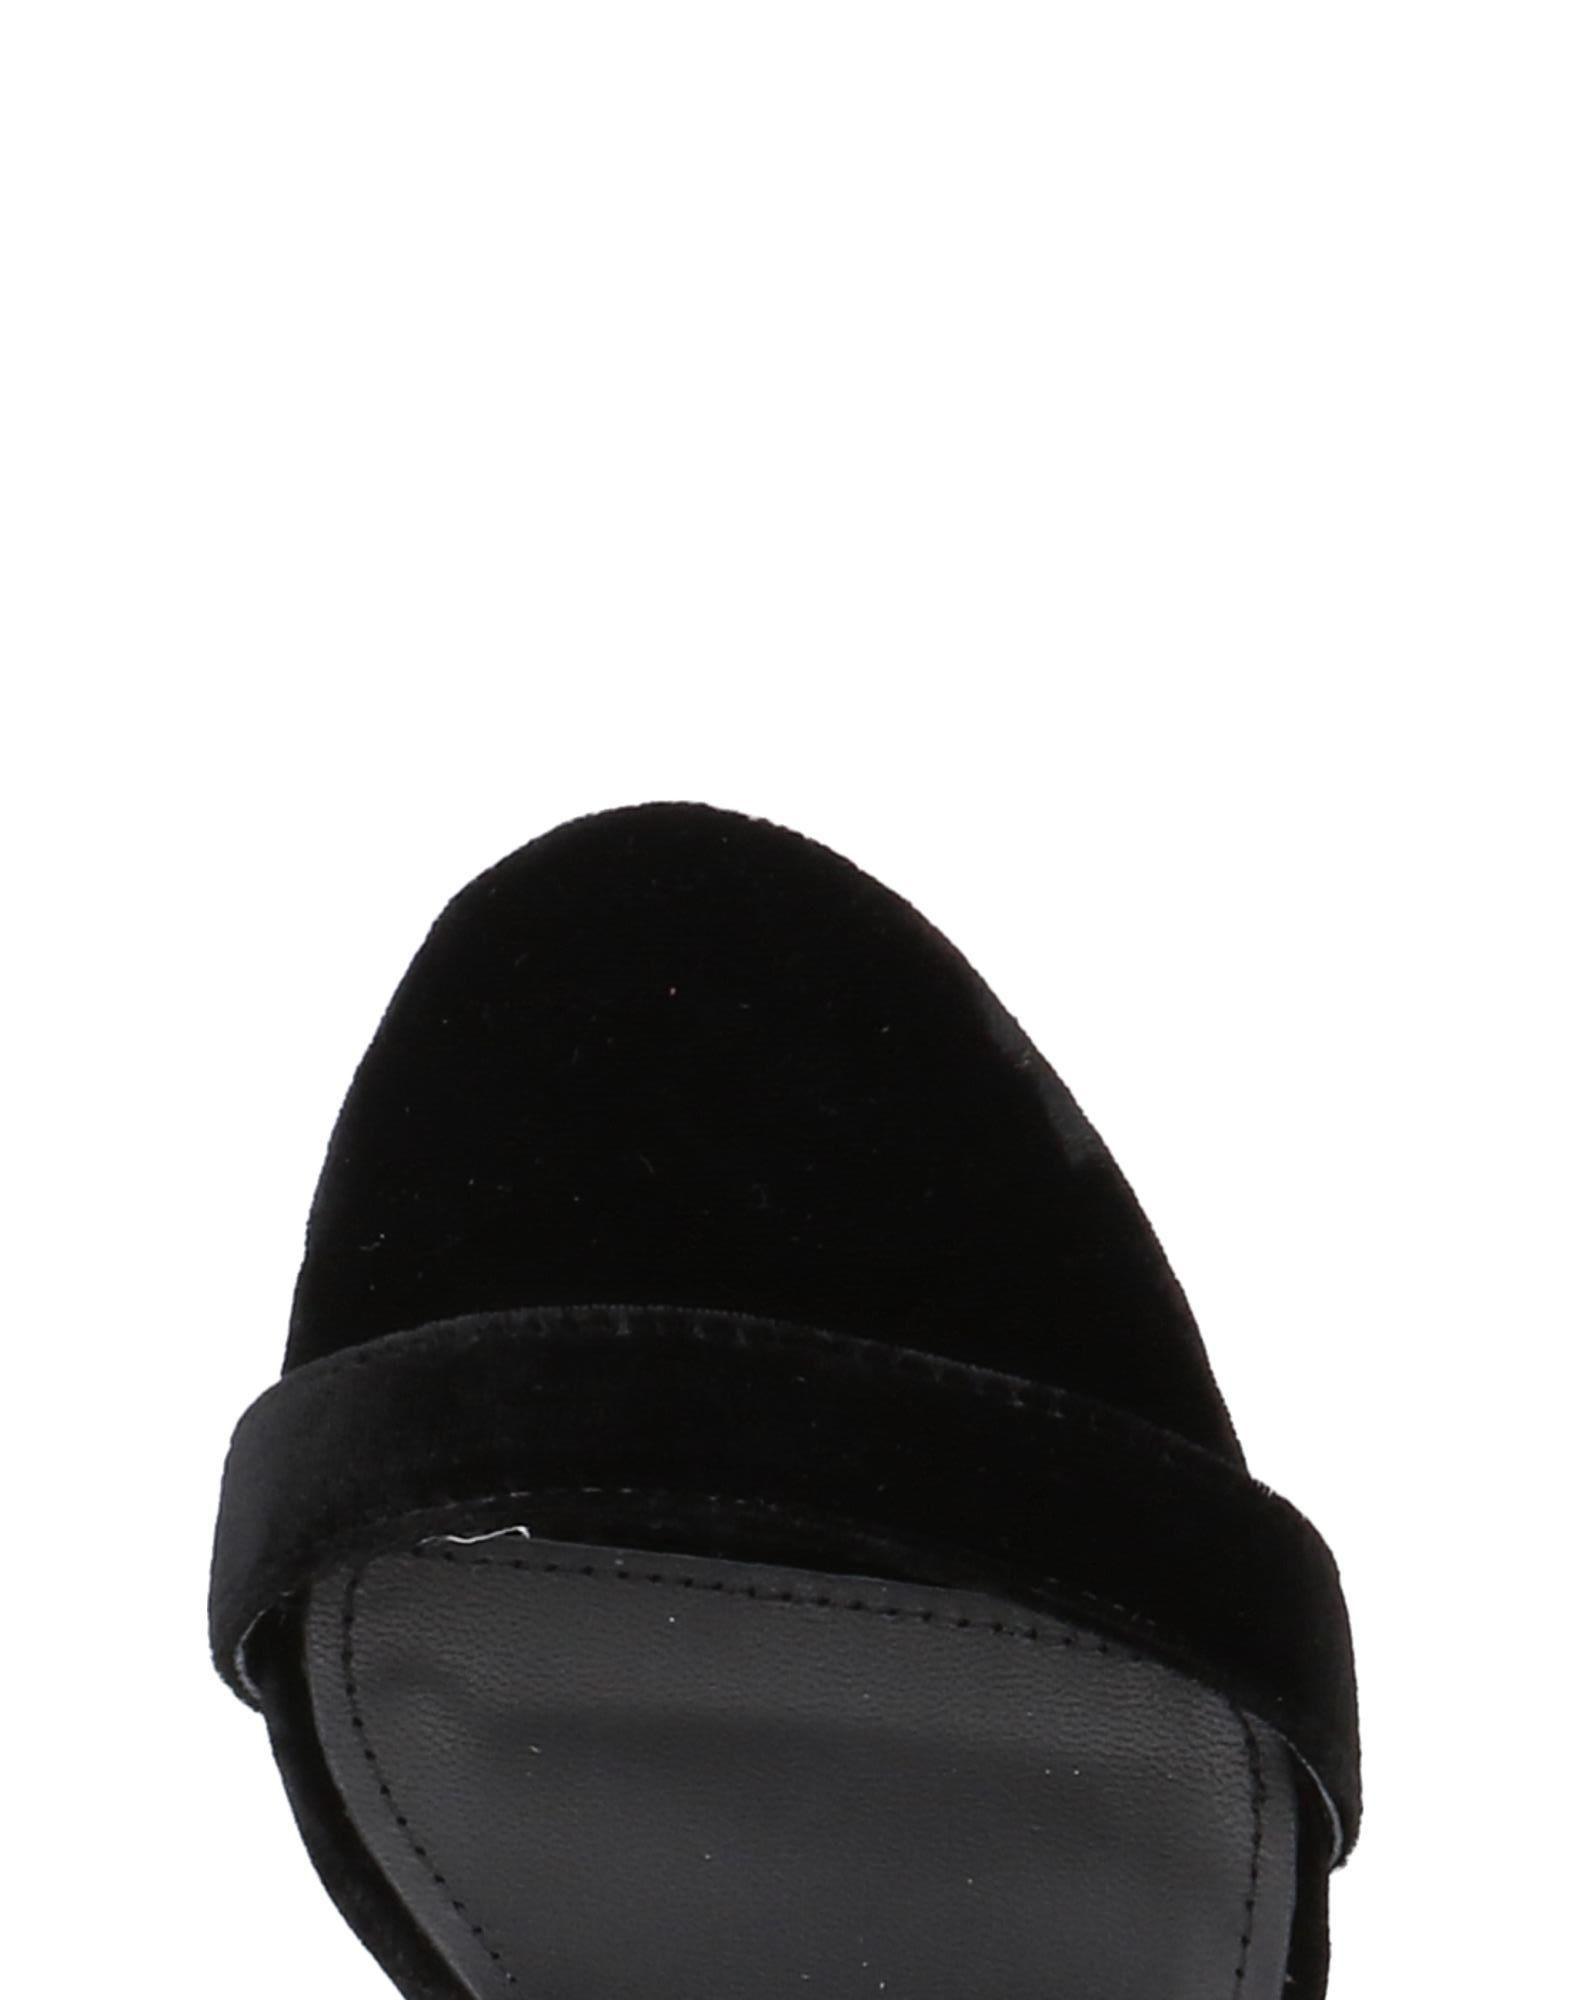 Guess Sandalen Damen Qualität  11499092JV Gute Qualität Damen beliebte Schuhe a5385f